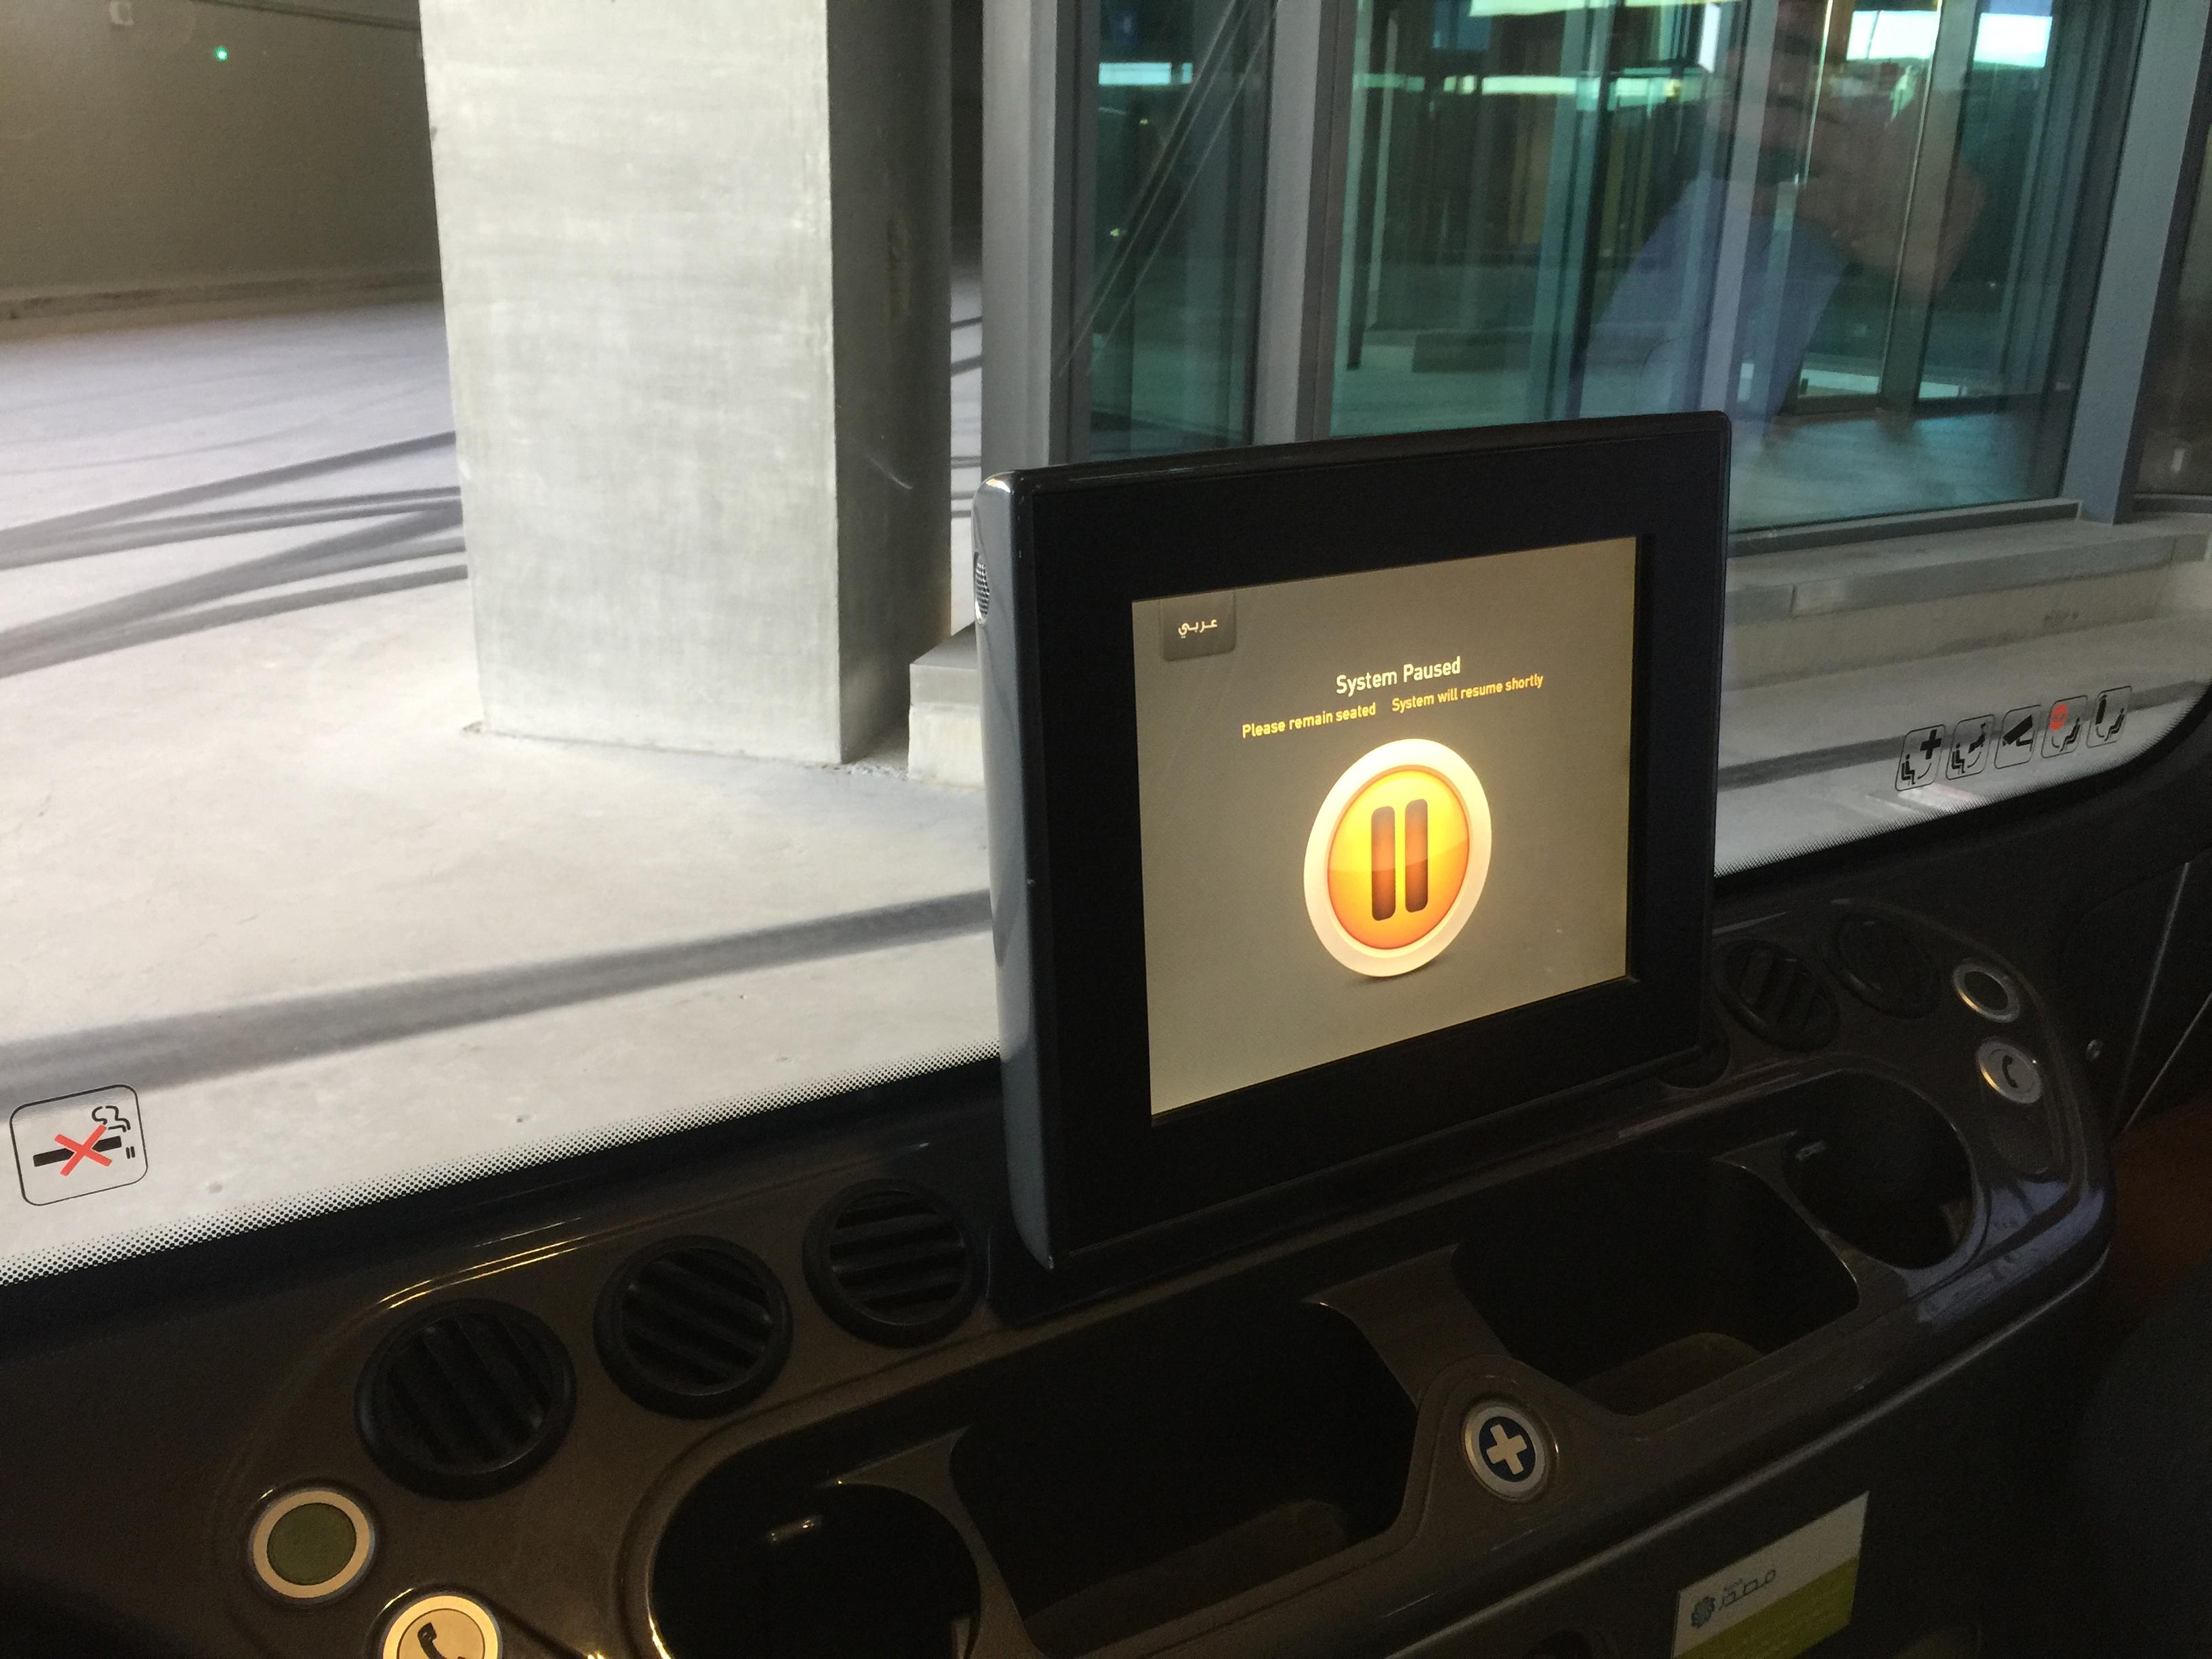 تجارب السيارات ذاتية القيادة داخل مدينة مصدر بأبوظبي (6)